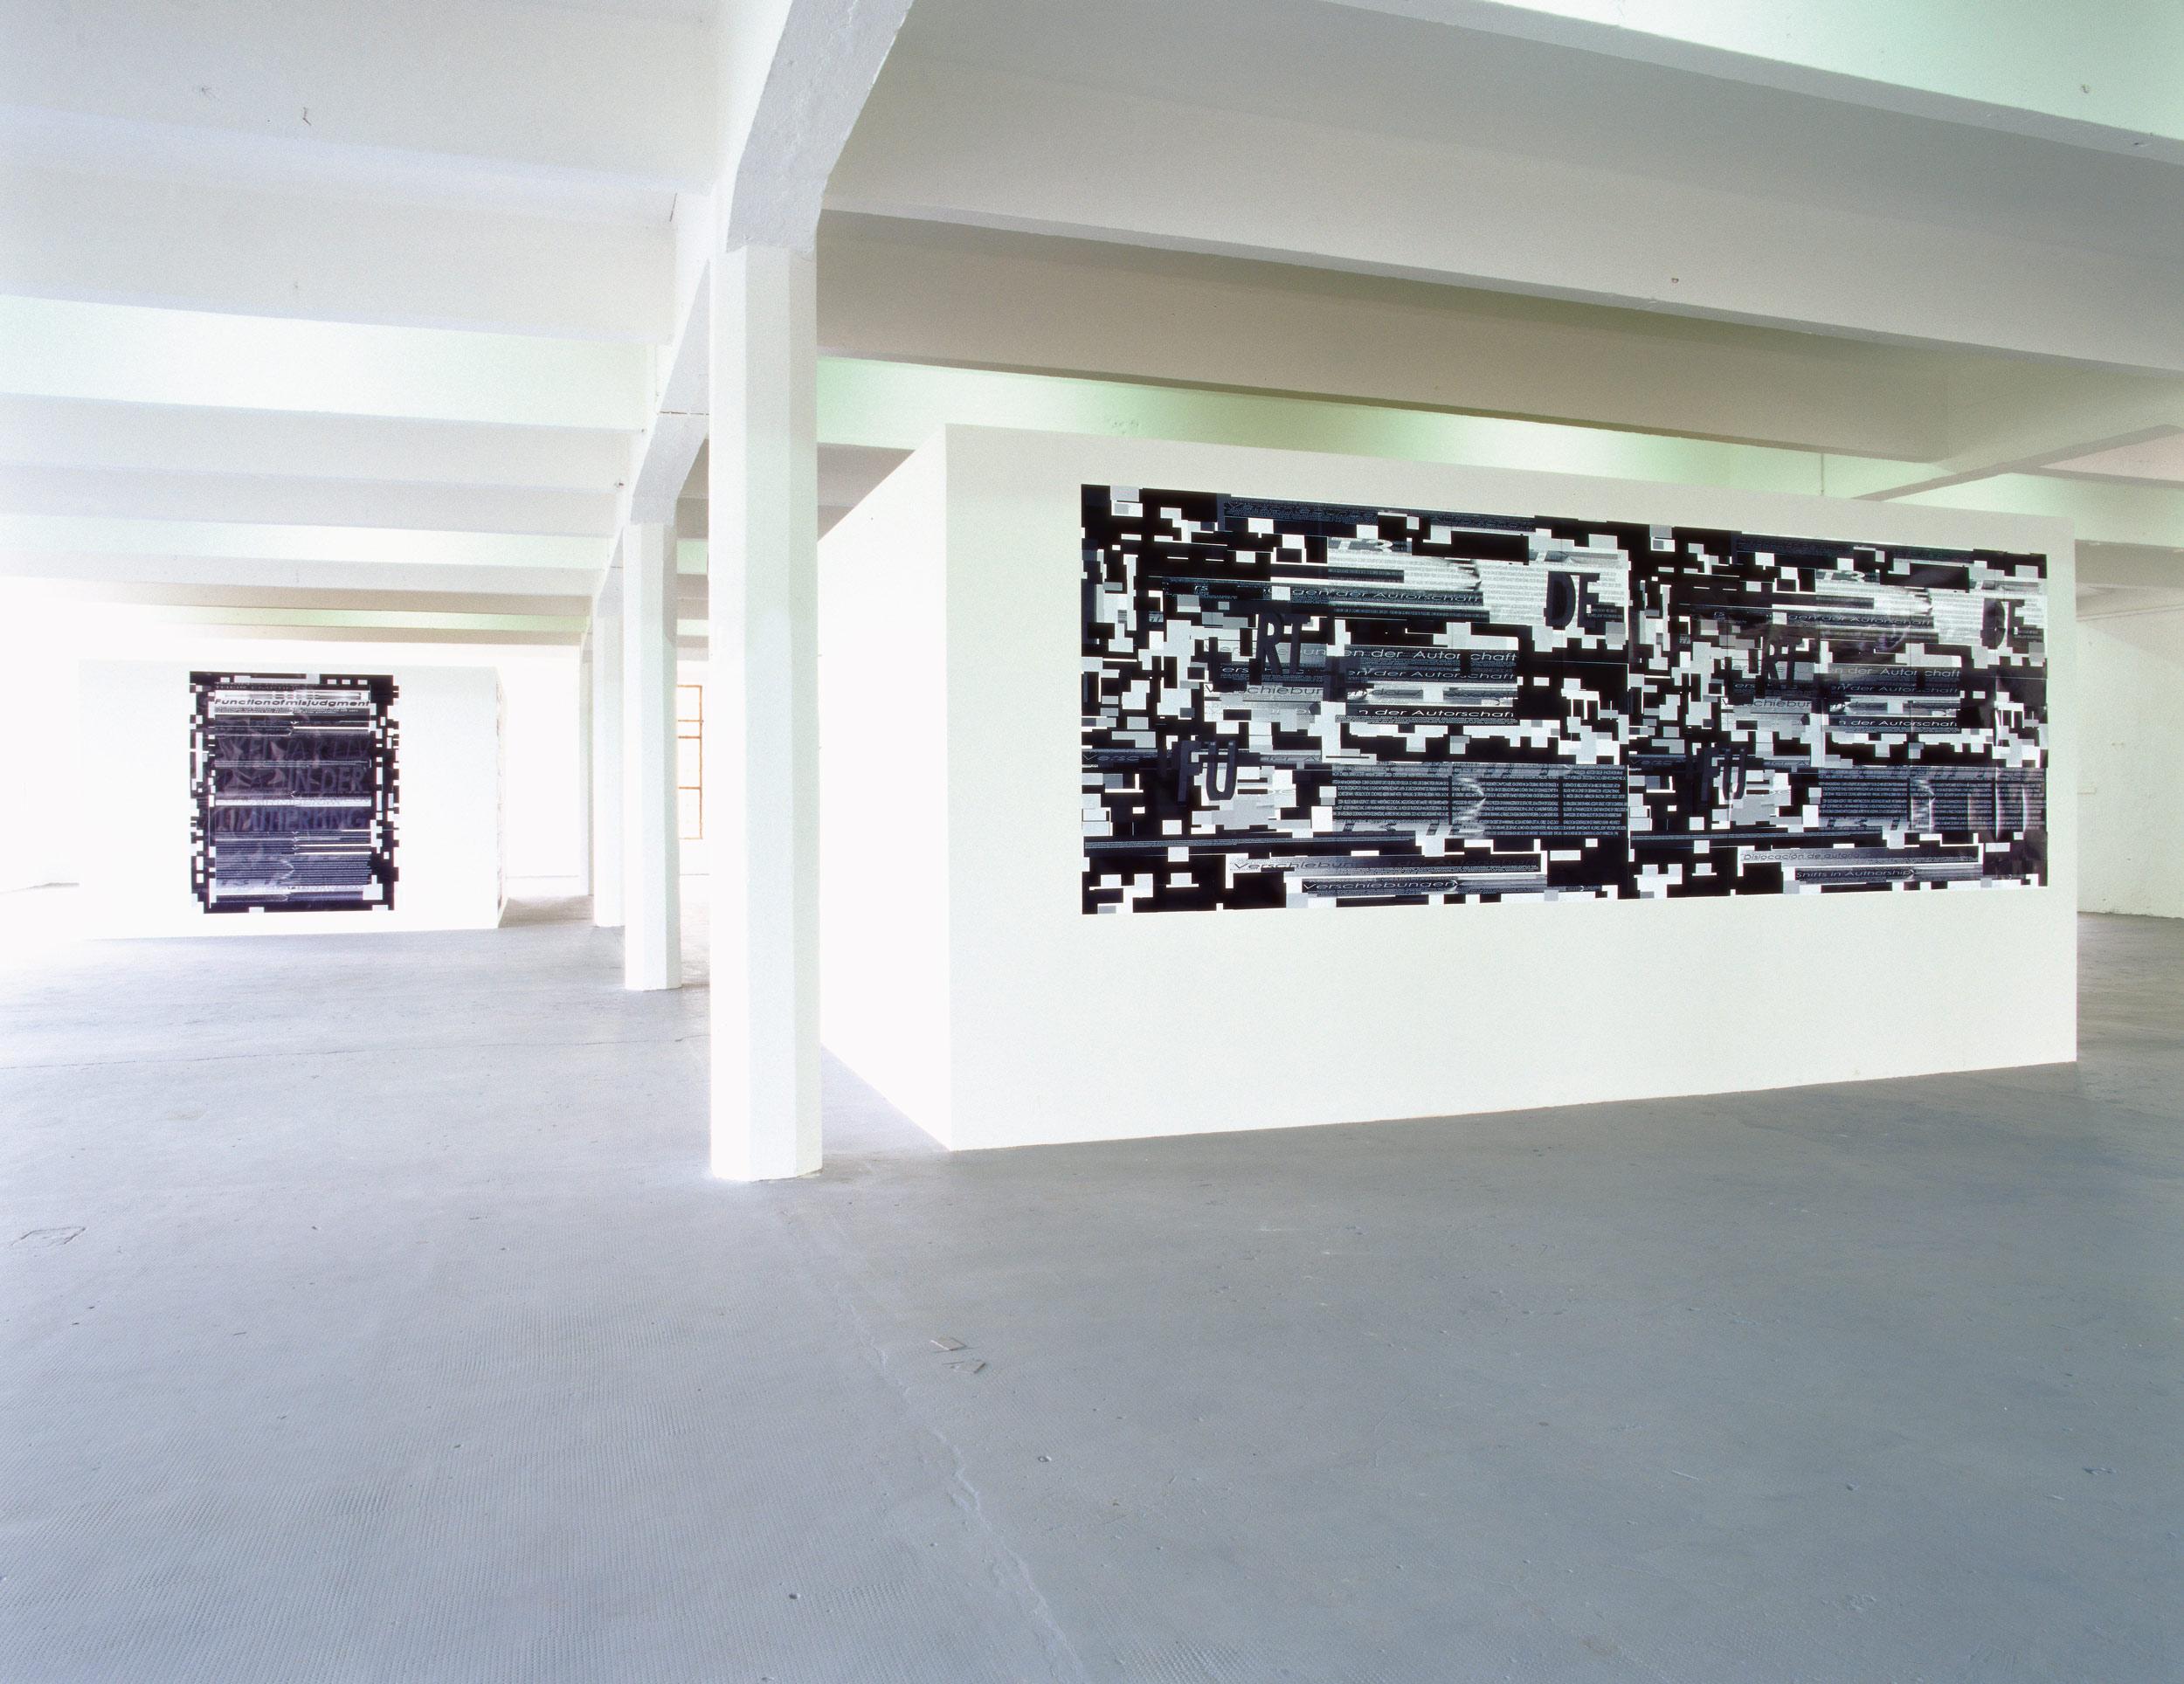 Pre-Prints Pin-up Serie Kunsthalle.tmpSteyr 2001 <br>Links: Herwig Steiner (1956L) Pre-Print 163a PI 1-32 / SW / dt / Pin-up Serie /12 /1999 computergenerierter Print auf Papier 254,9x203cm <br>Rechts: Herwig Steiner (1956L) Pre-Print 180f / I / 178 / SW / dt / engl / span / Pin-up Serie /12 /1999 computergenerierter Print auf Papier 169,5x519,2cm <br>Foto: Ebenhofer